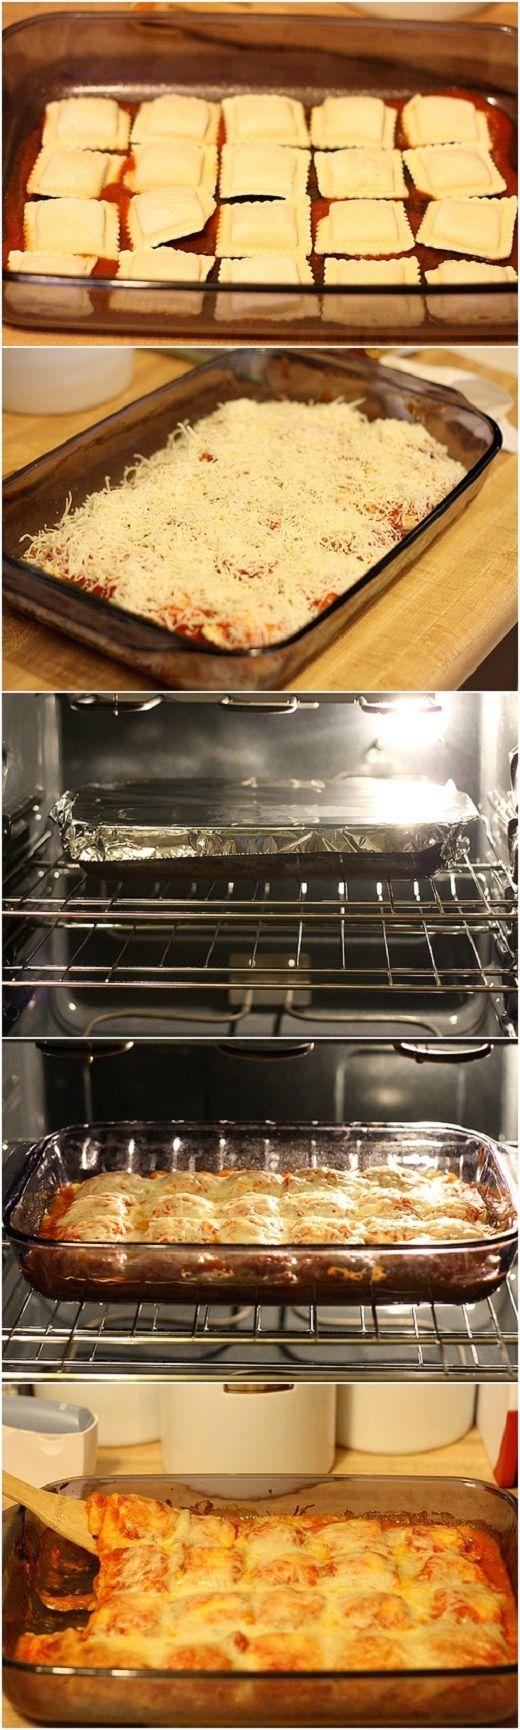 Baked Ravioli I used cheese ravioli, instead of lasagna noodles, and made a cheese ravioli lasagna!